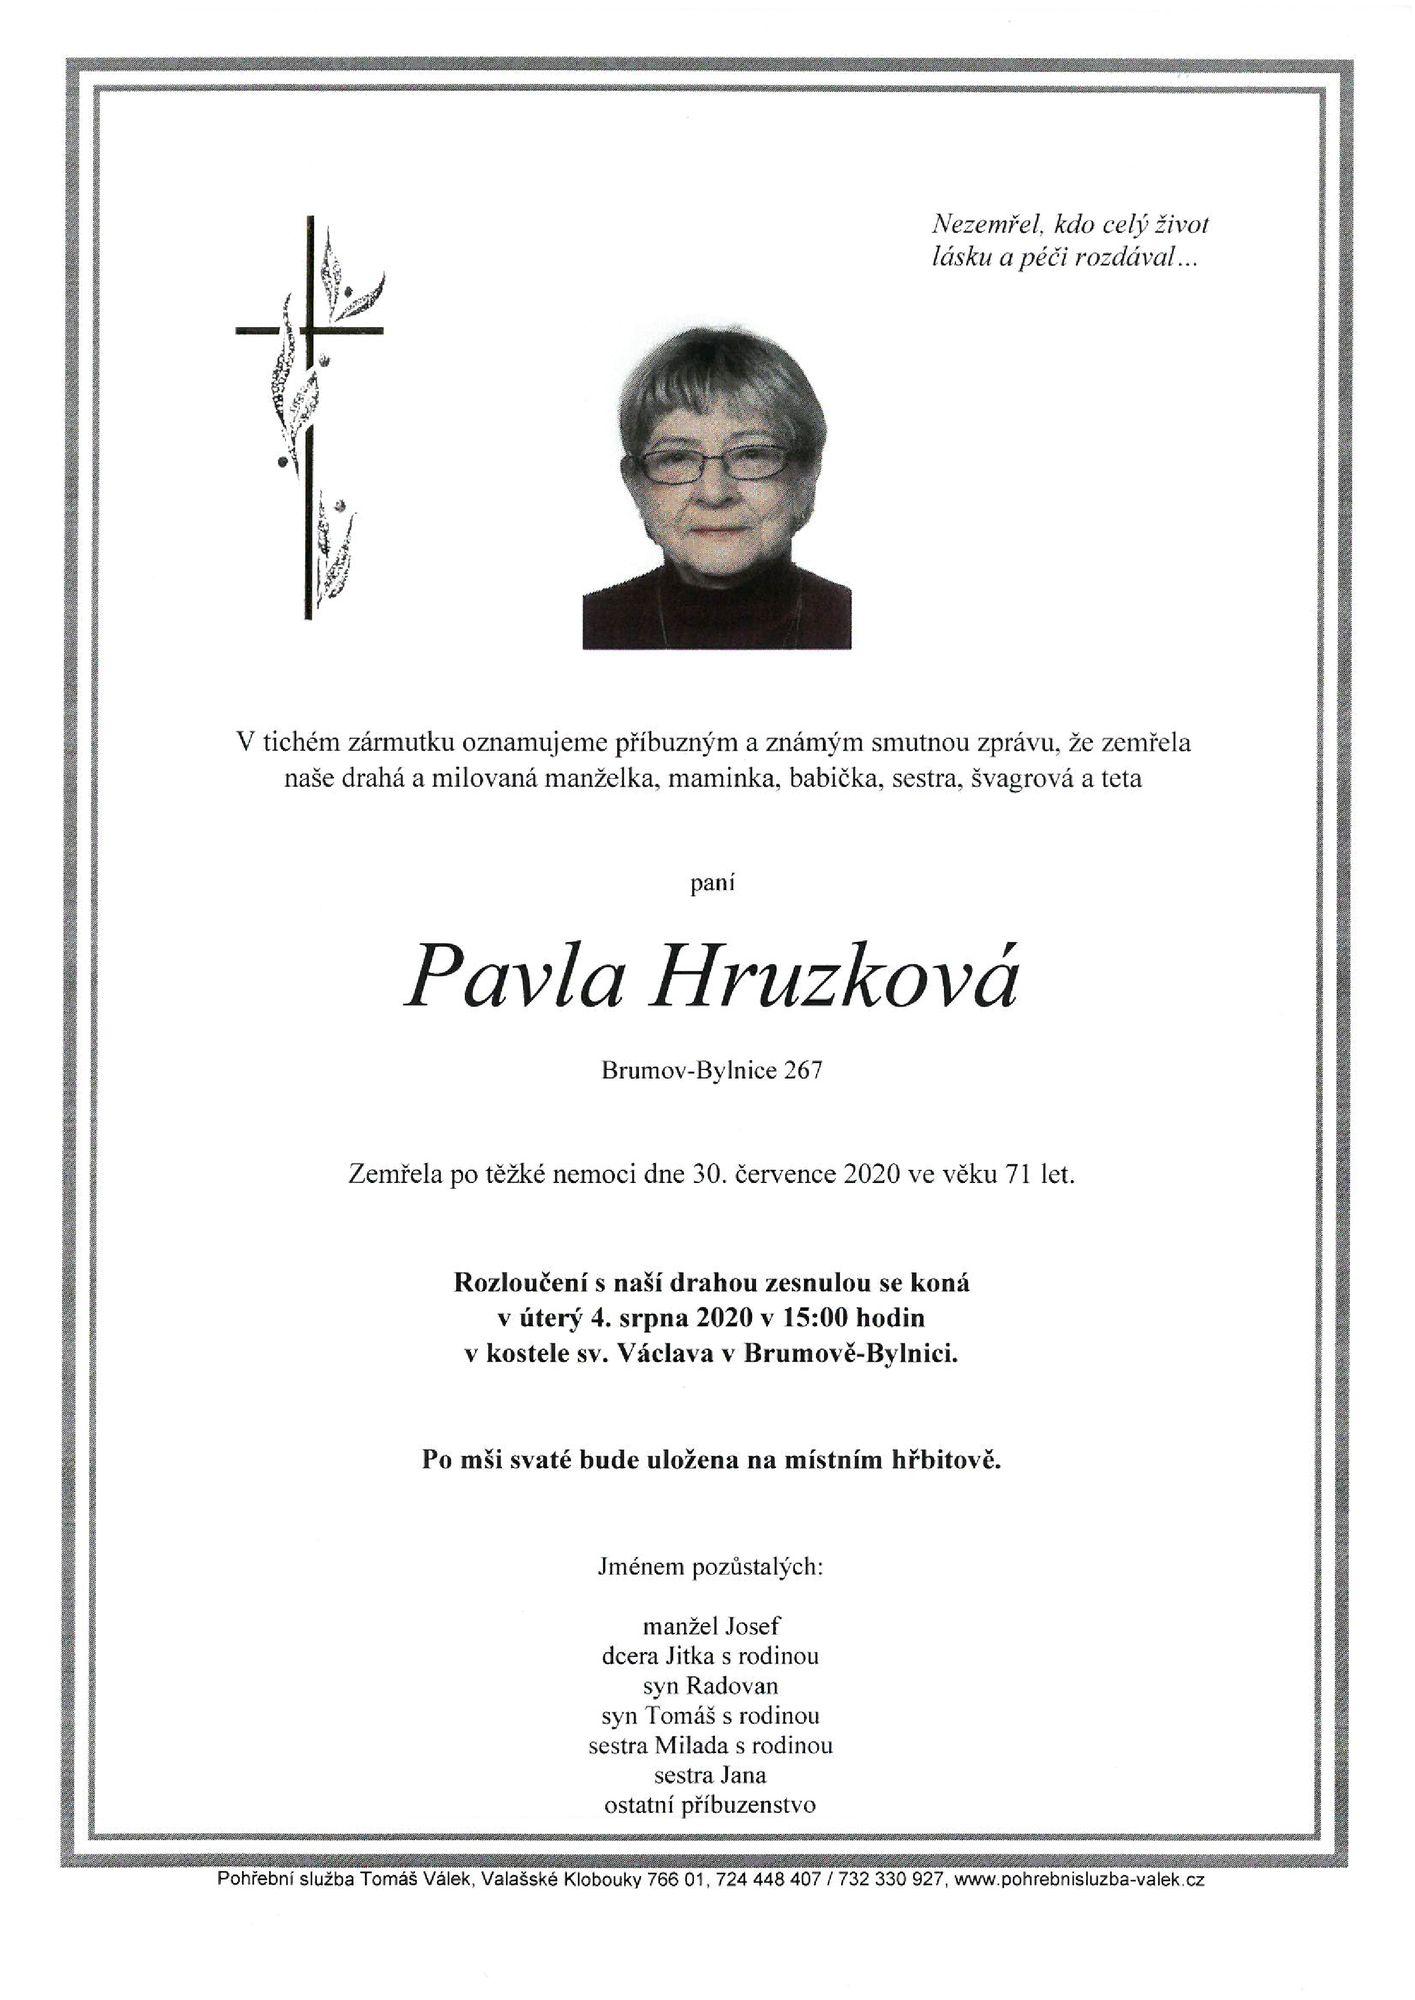 Pavla Hruzková